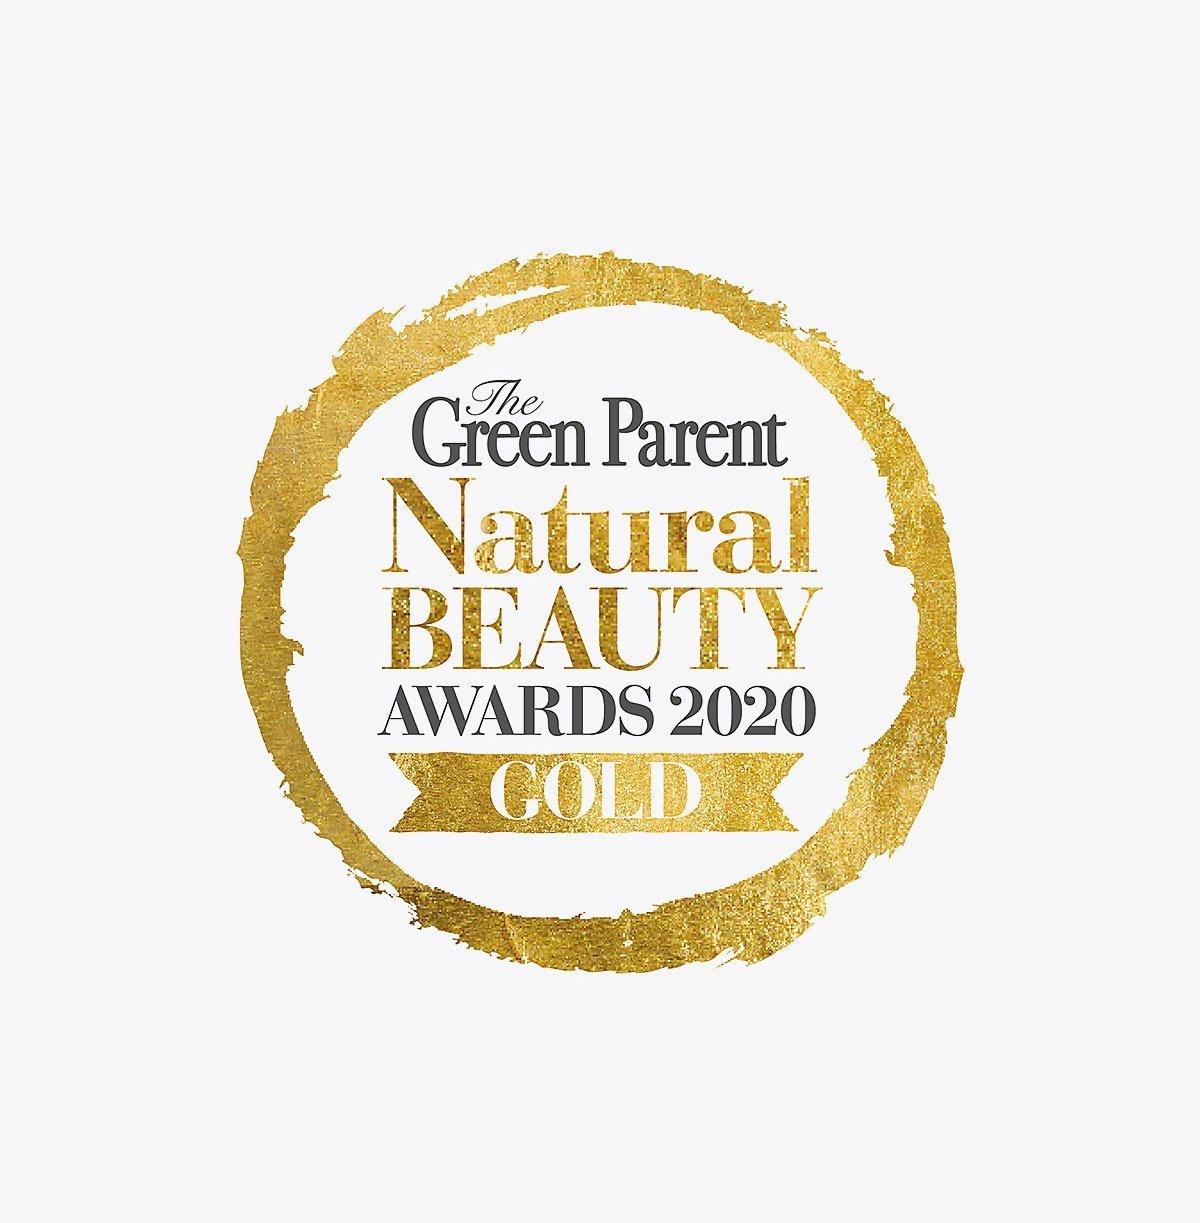 Green Parent Natural Beauty Awards Gold Winner 2020.